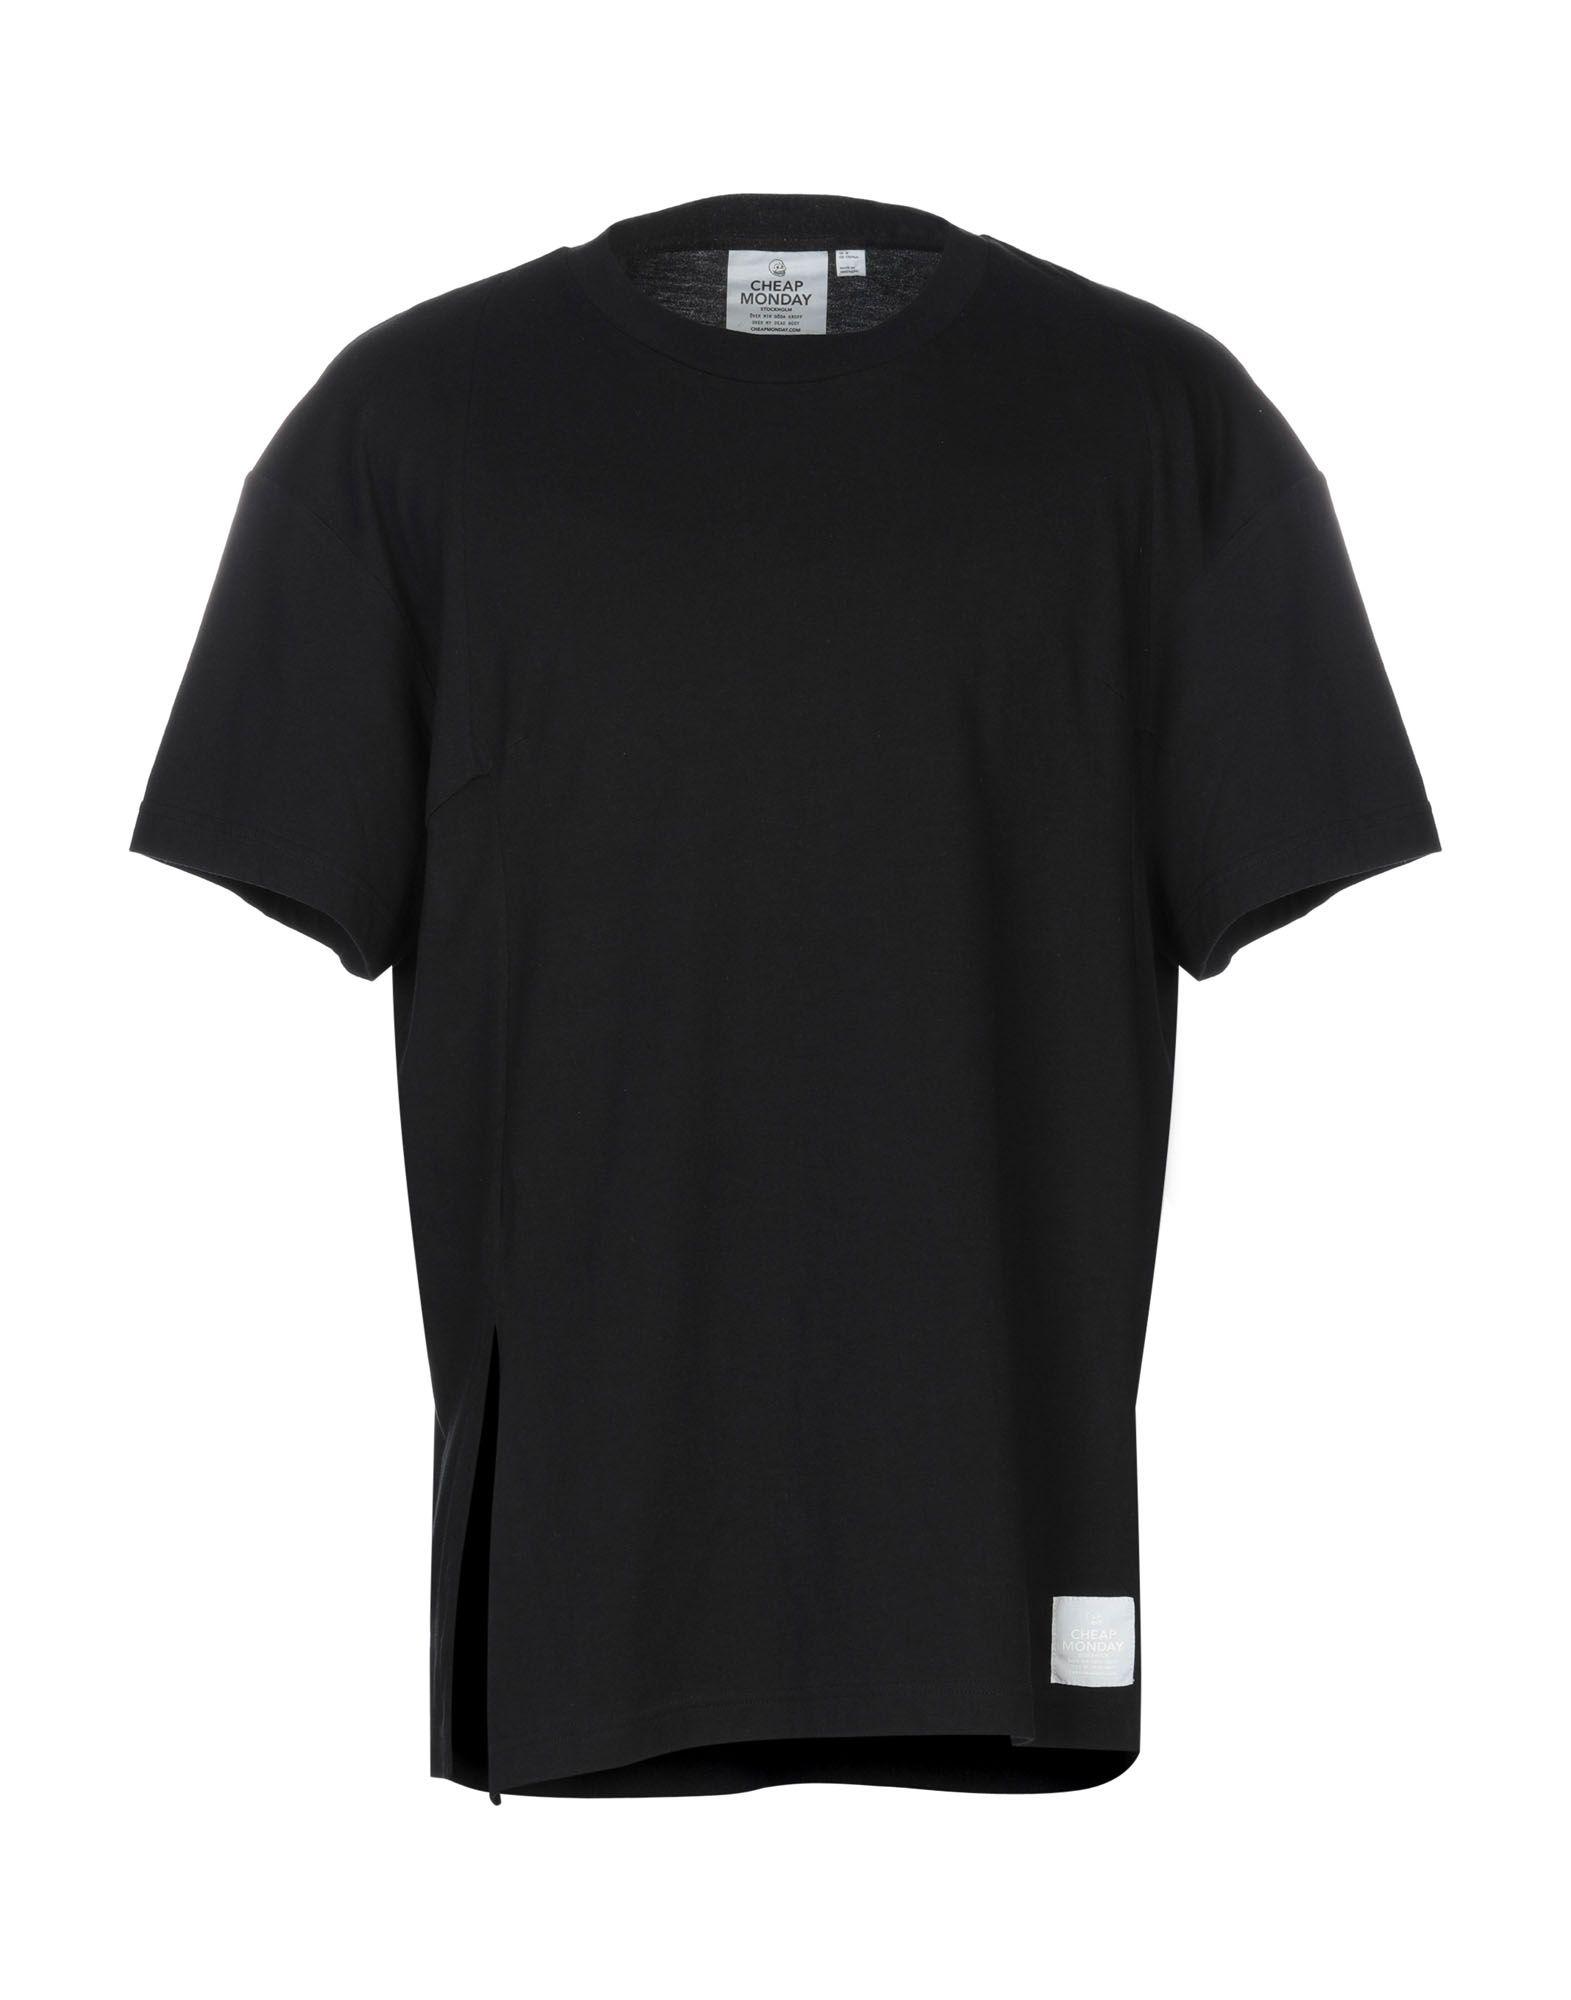 《送料無料》CHEAP MONDAY メンズ T シャツ ブラック XS コットン 100%